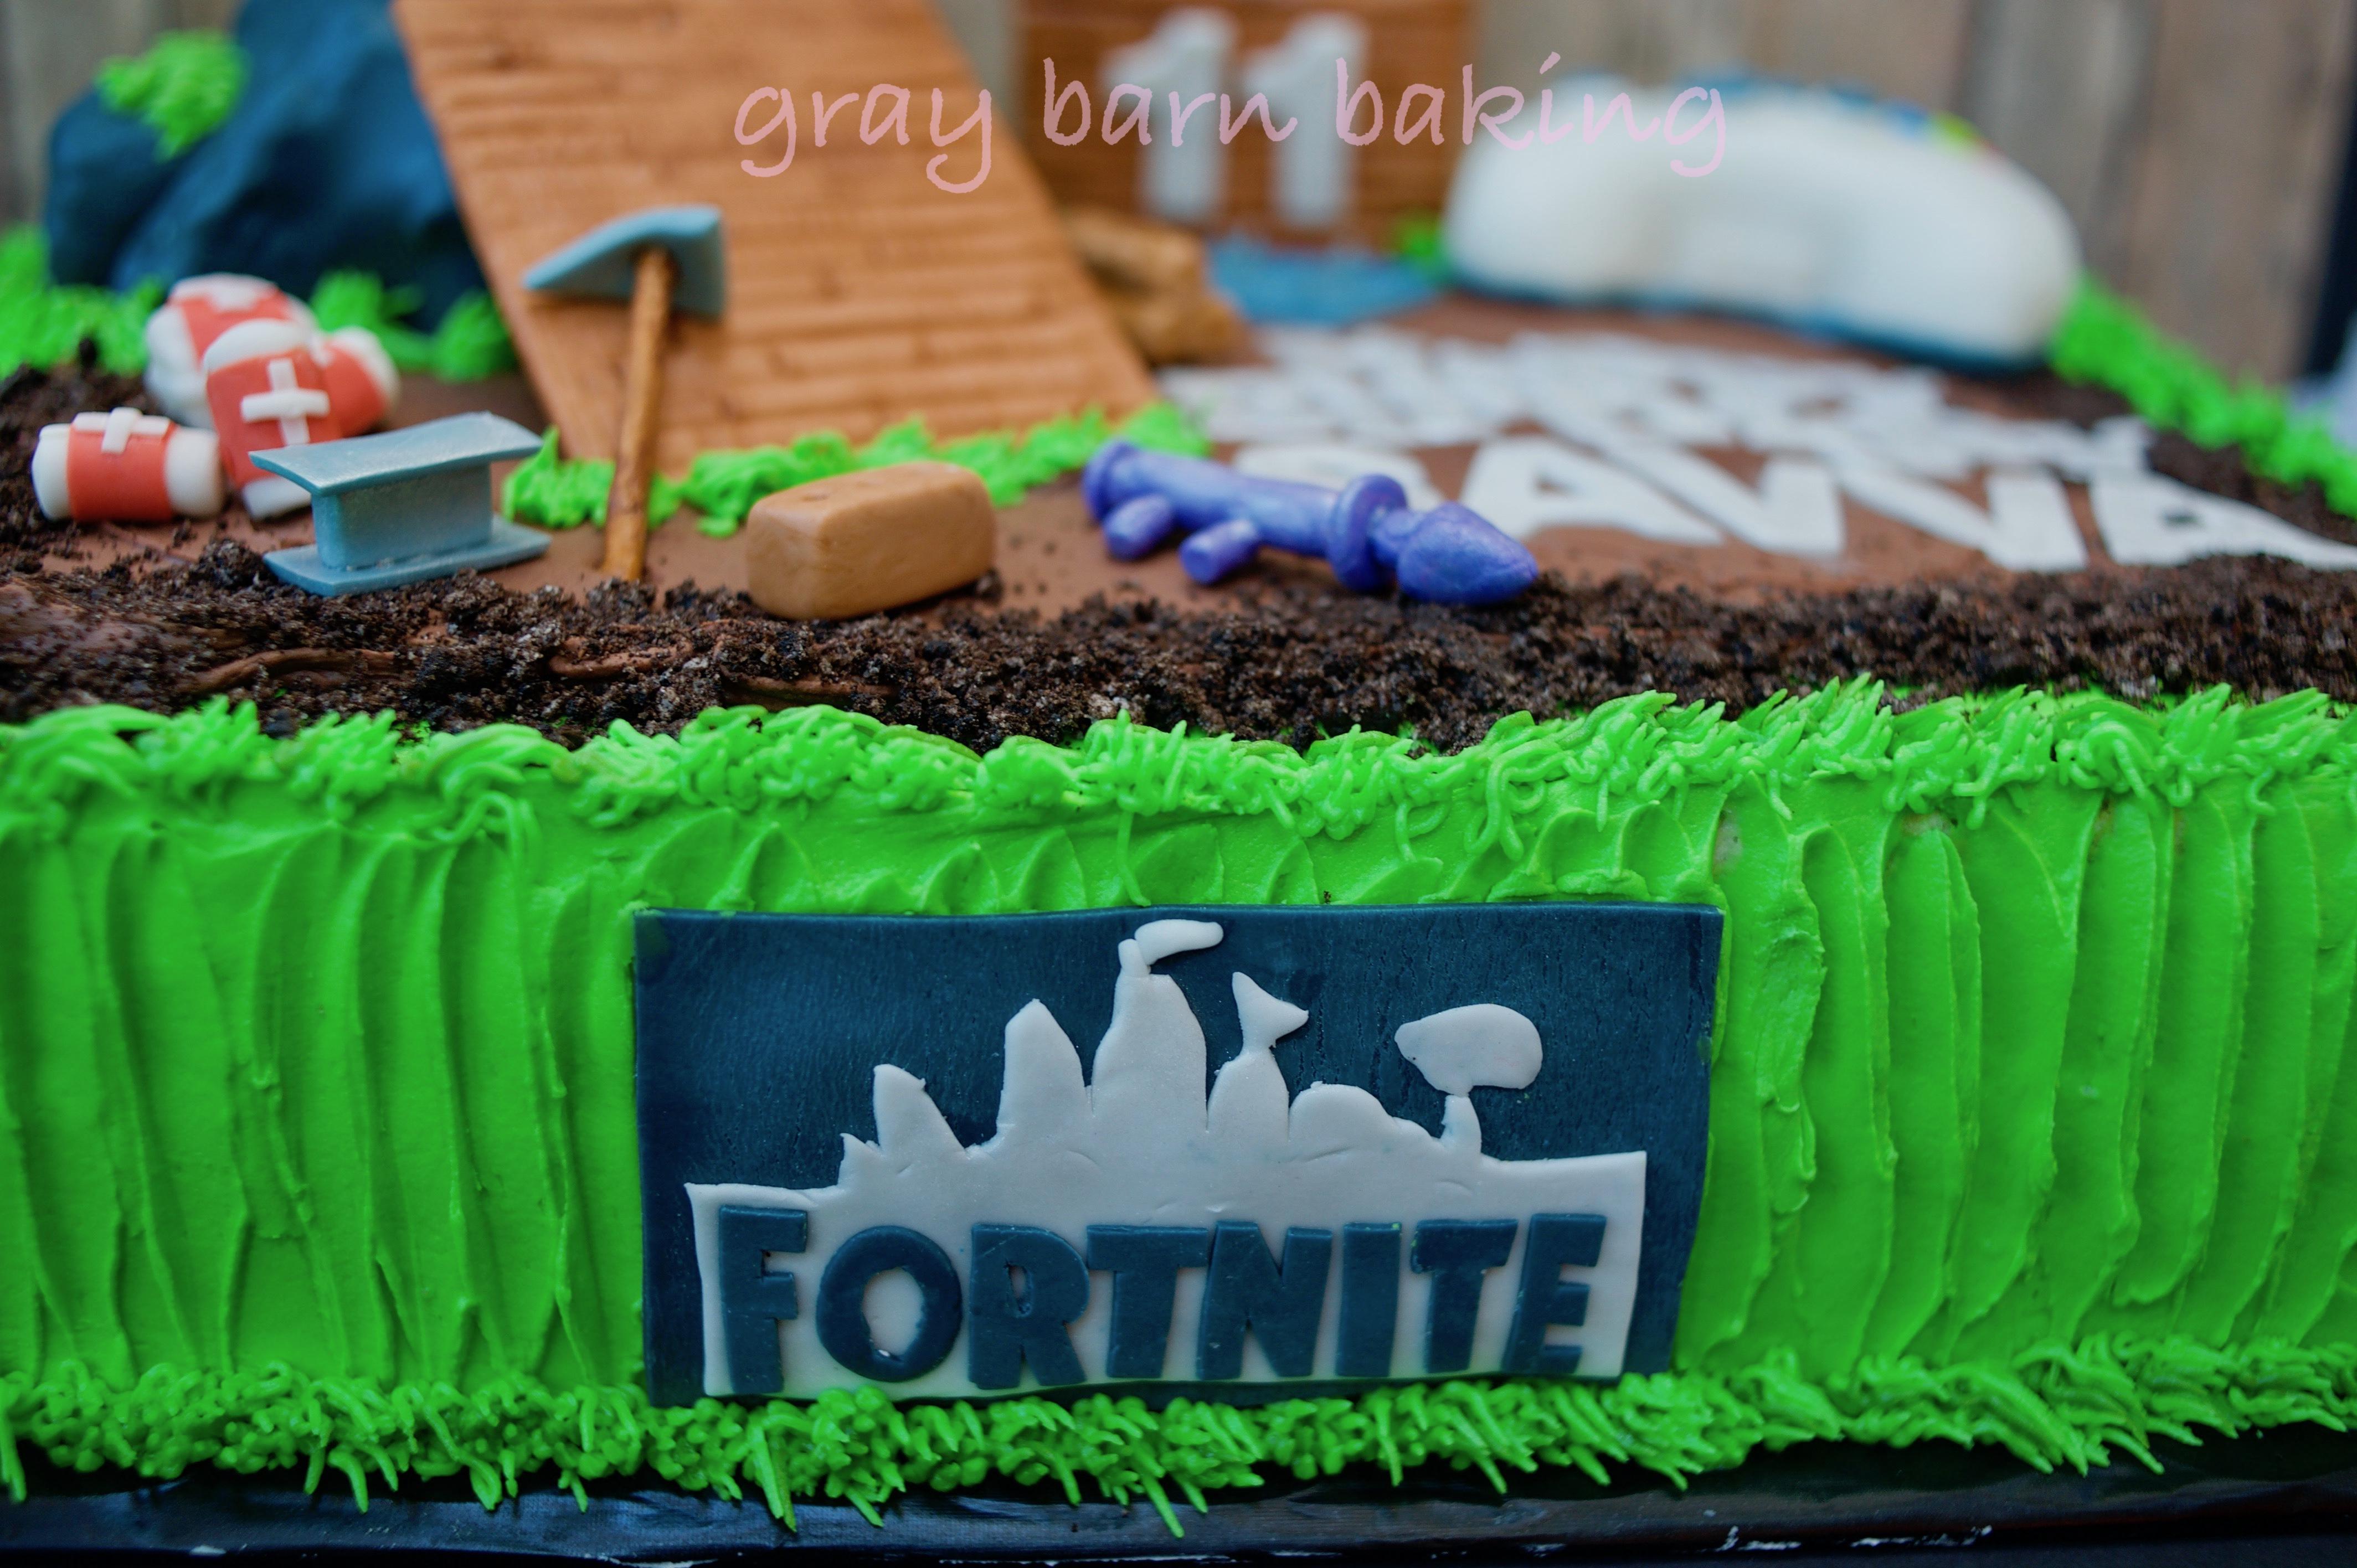 Fortnite Gamer Cake